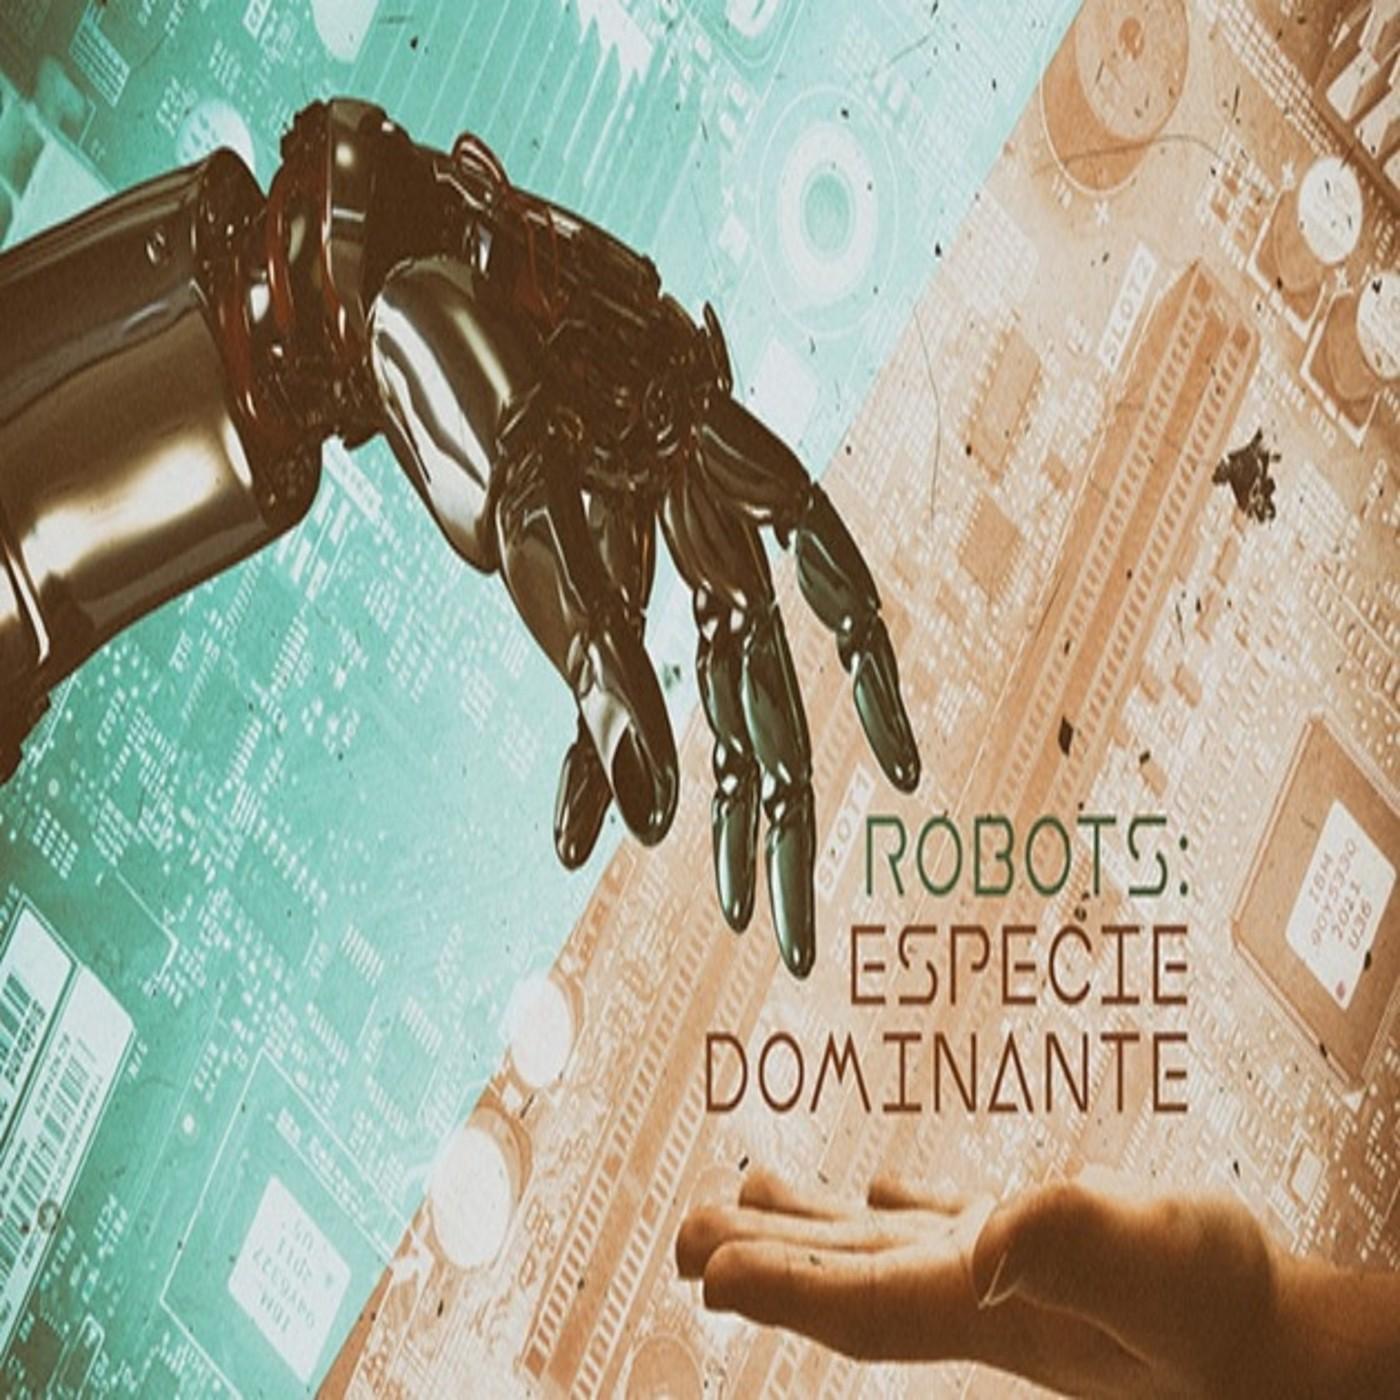 Cuarto milenio (30/12/2018) 14x18: Robots, especie dominante en ...